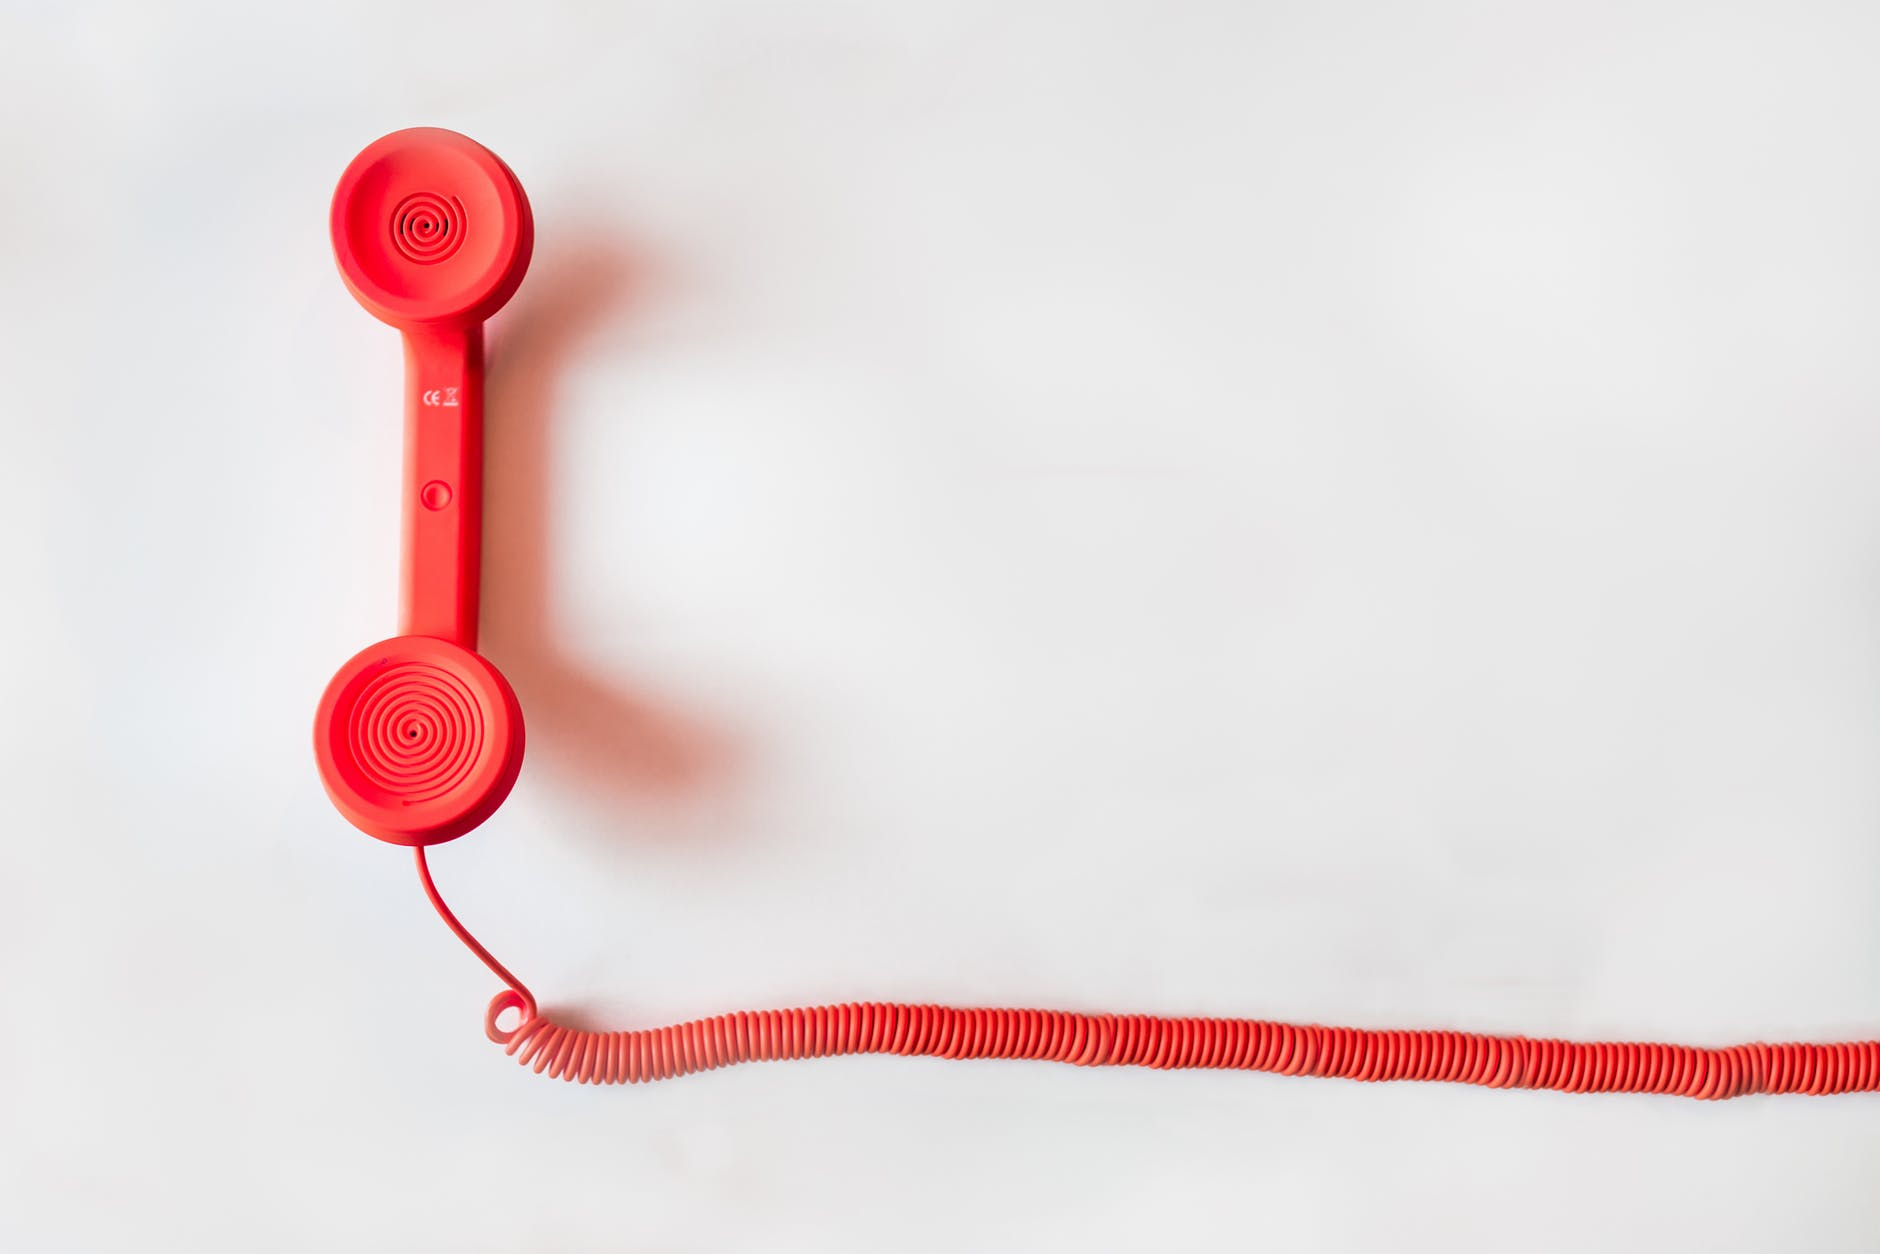 VOIP per telefonare: tutti i vantaggi. | Tiziano Solignani